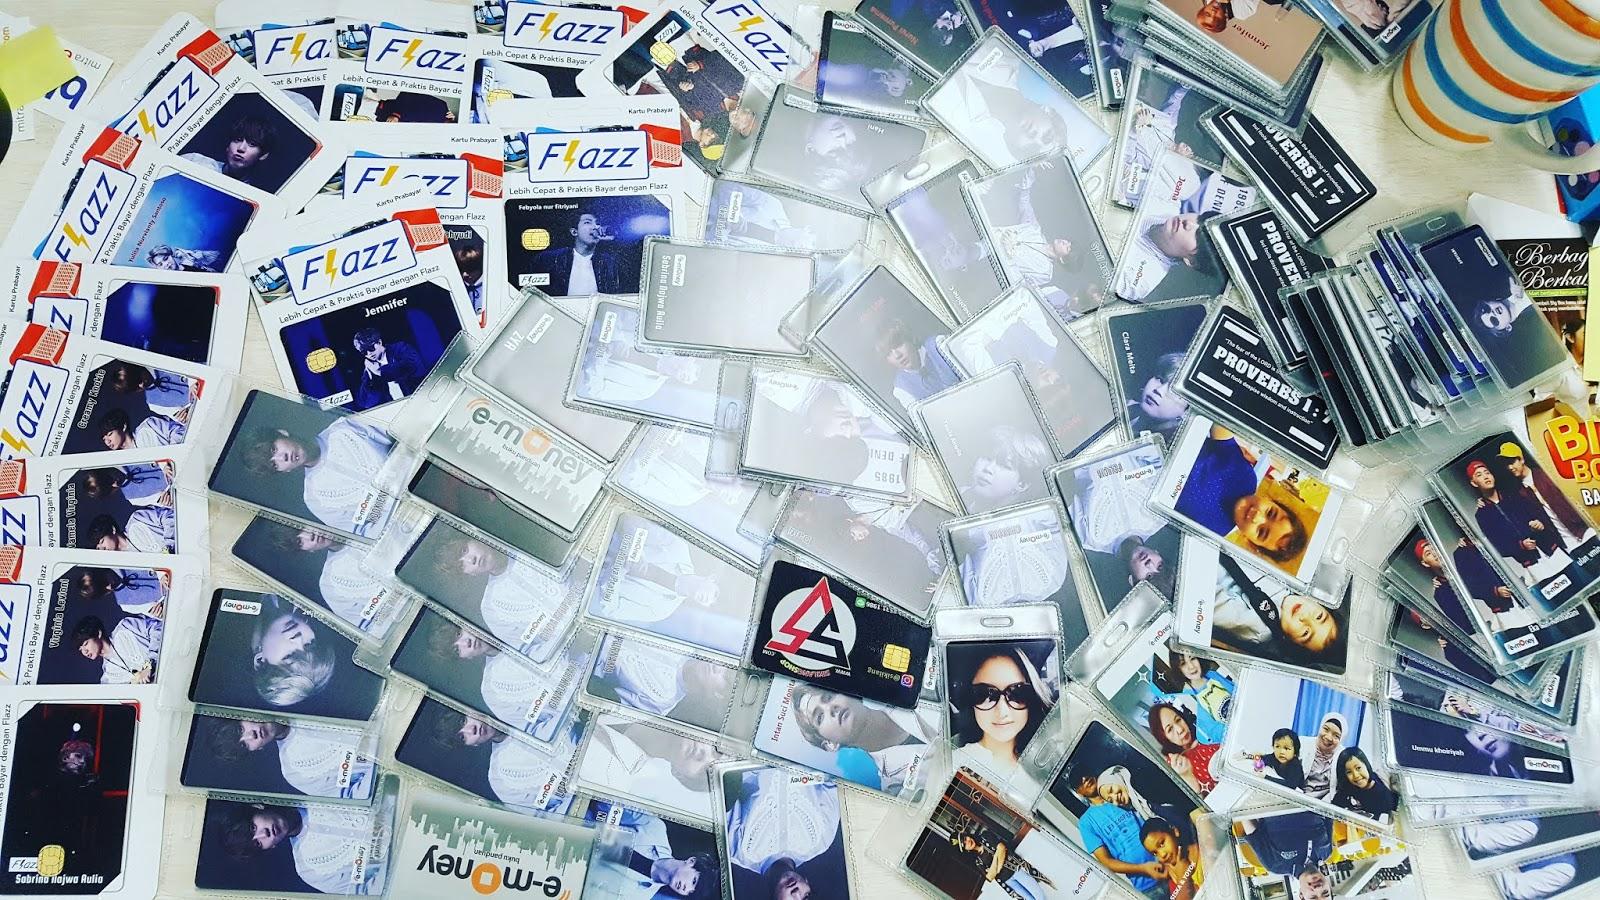 Hasil Produksi Custom Sikilang Shop Cetak Emoney Rp20000 Kartu E Money Toll Flazz Print Jasa Mandri